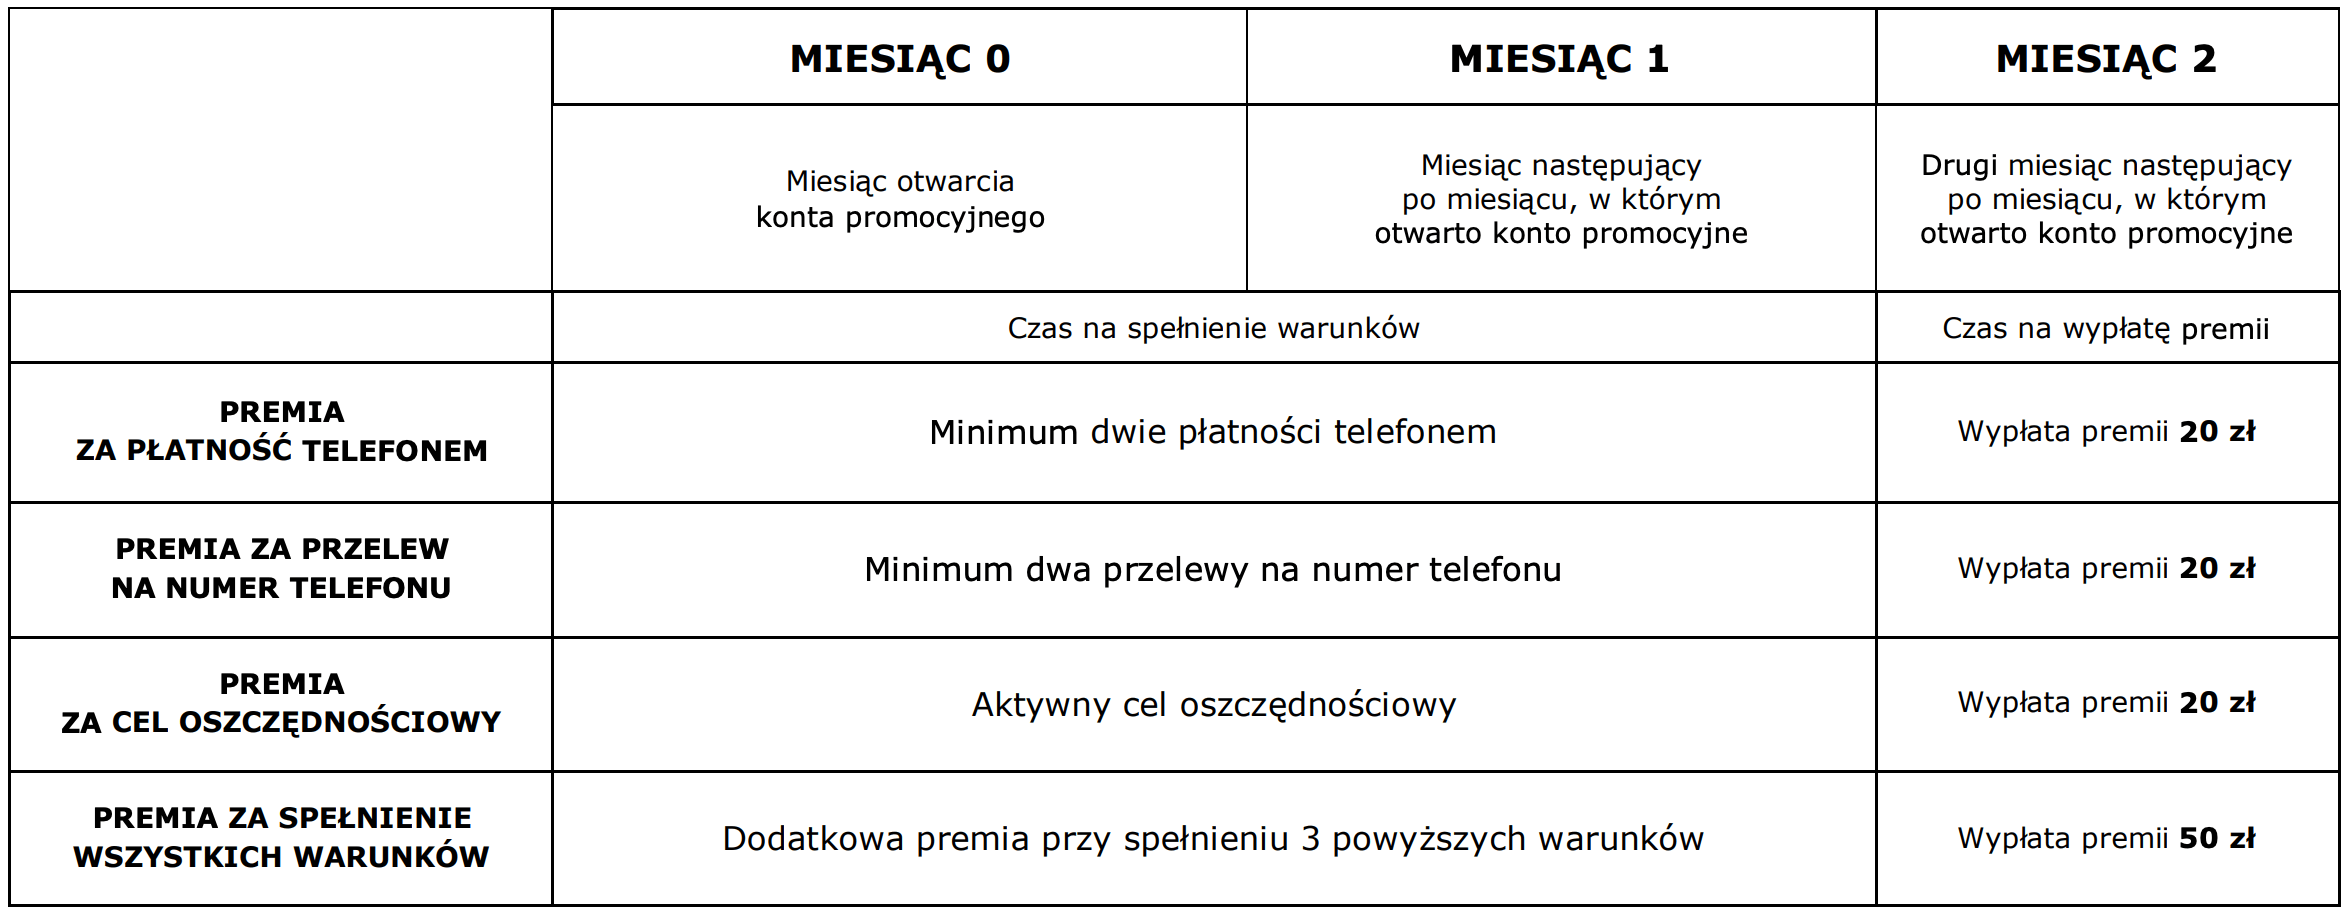 Warunki promocji mBanku dla młodych z premią110 zł